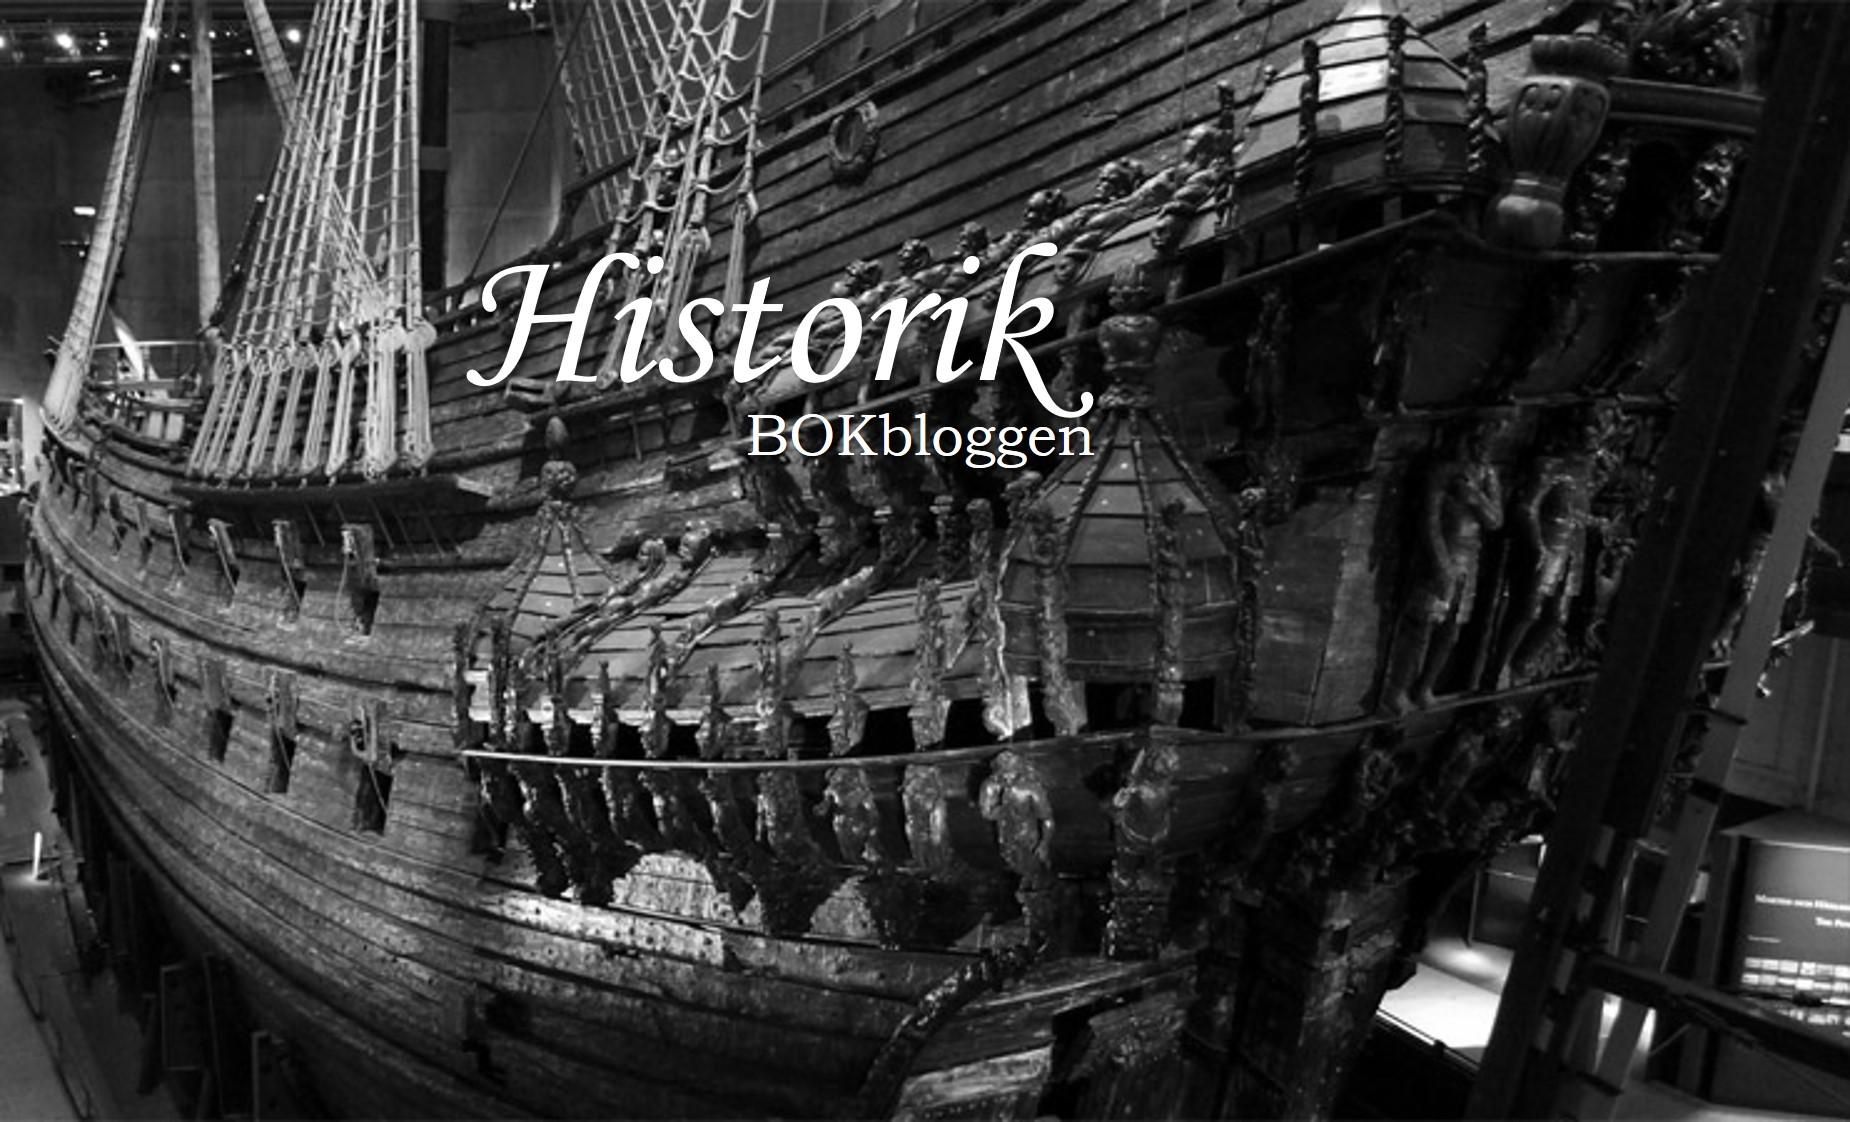 HISTORIK BOKbloggenjpg